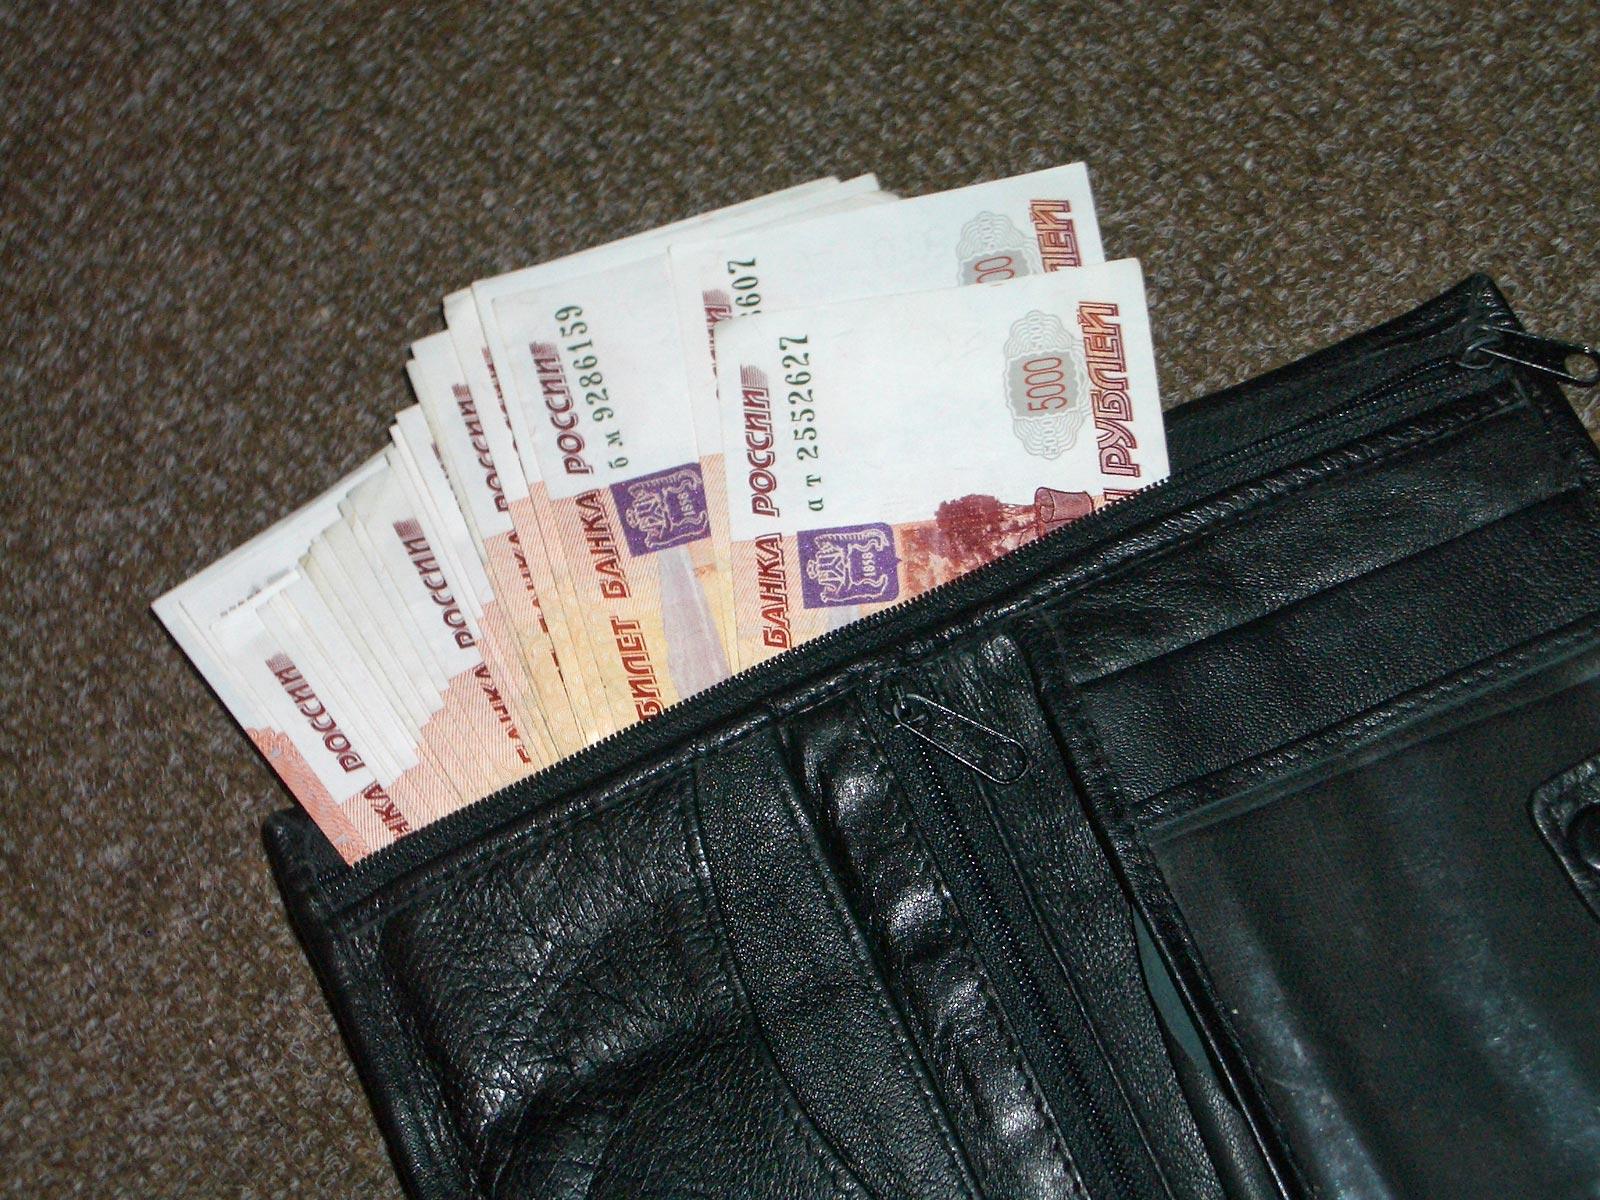 Почему 11% россиян до сих пор не пользуются банковскими картами? Рассказывают эксперты